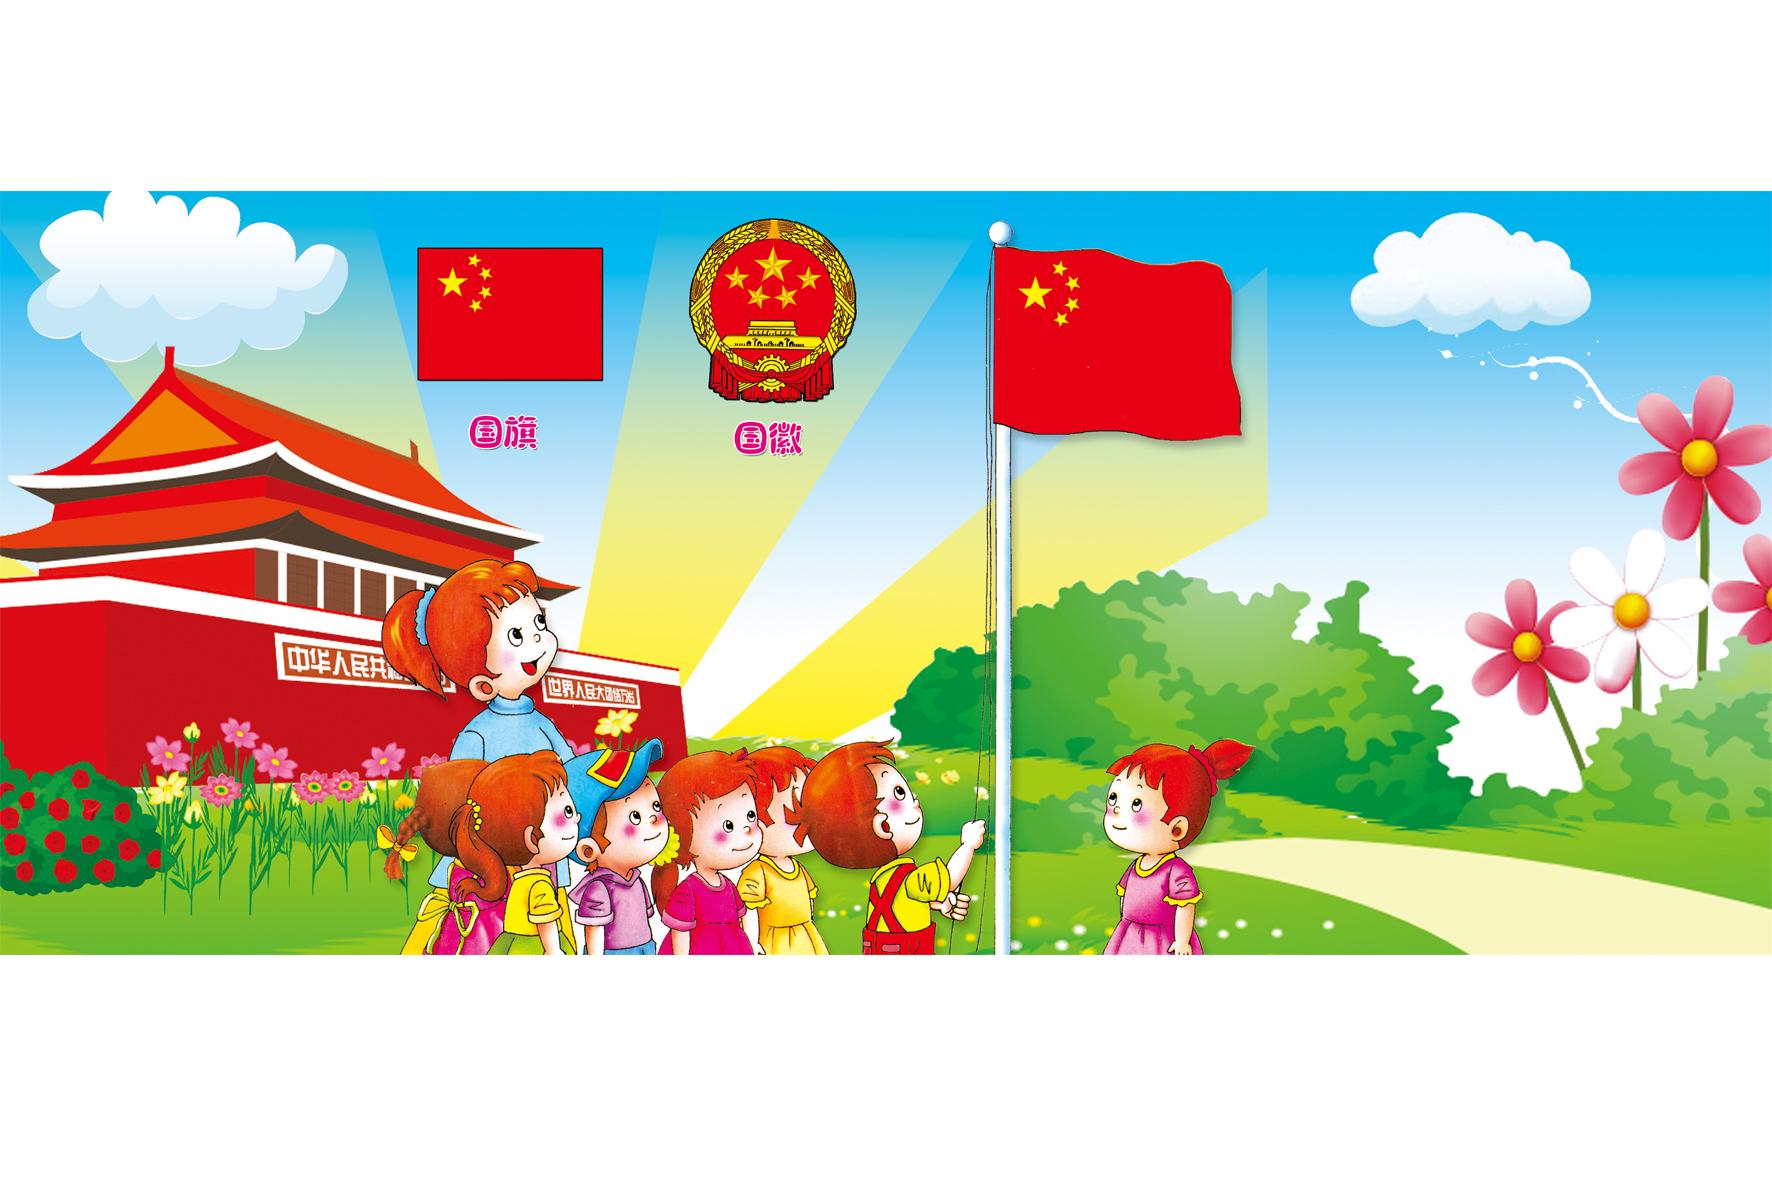 幼儿园卡通图片 幼儿园展板 幼儿园升旗仪式 国旗 国徽 幼儿园背景